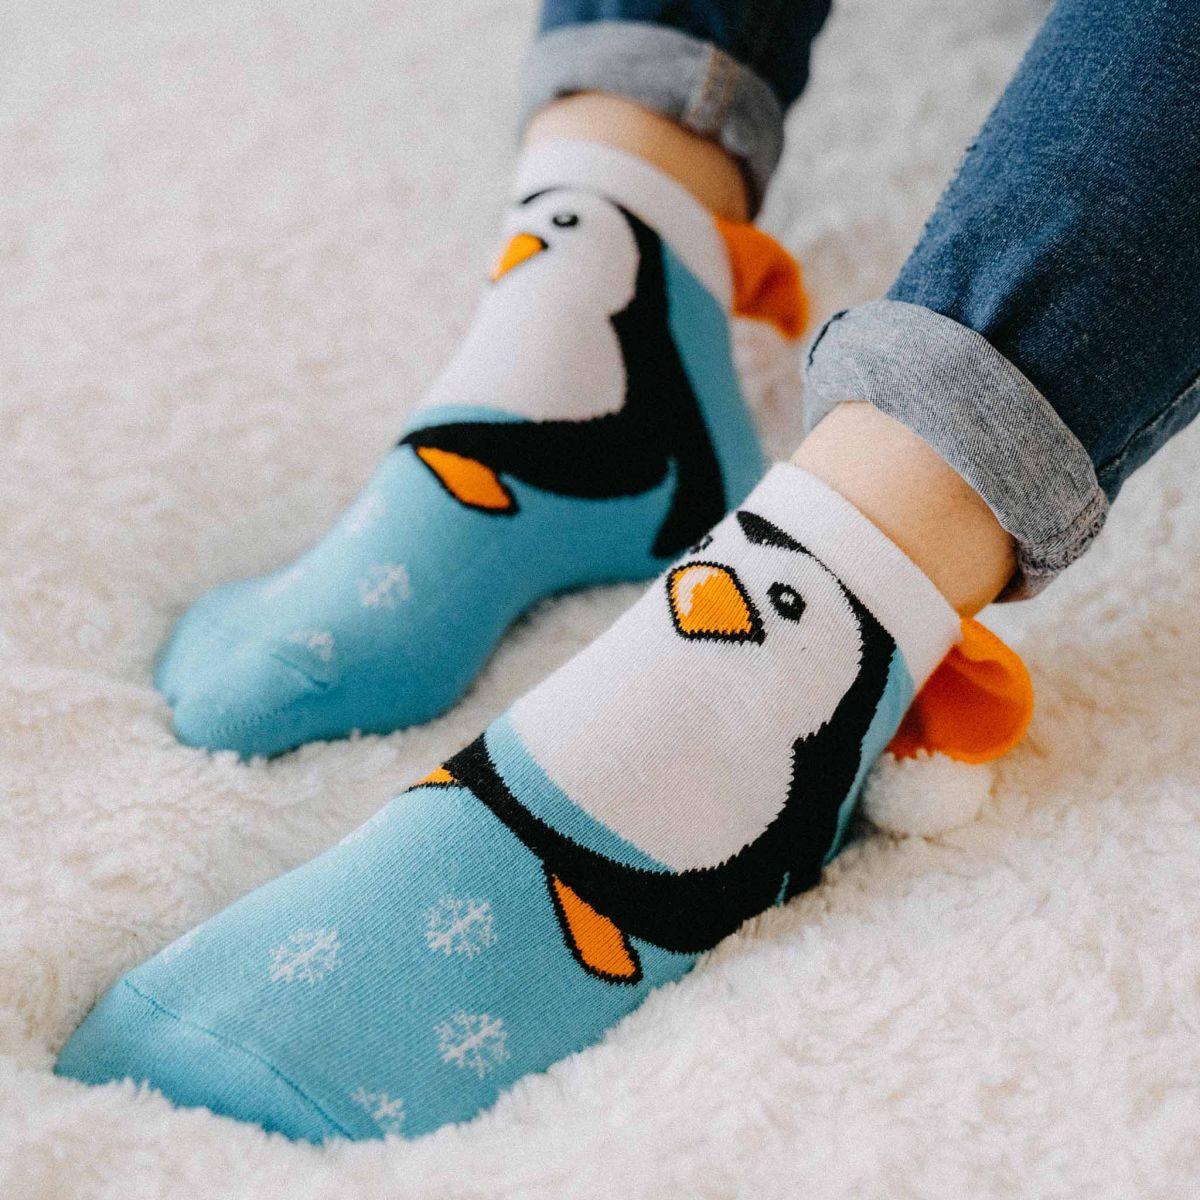 Șosete - Pinguini 2 p4